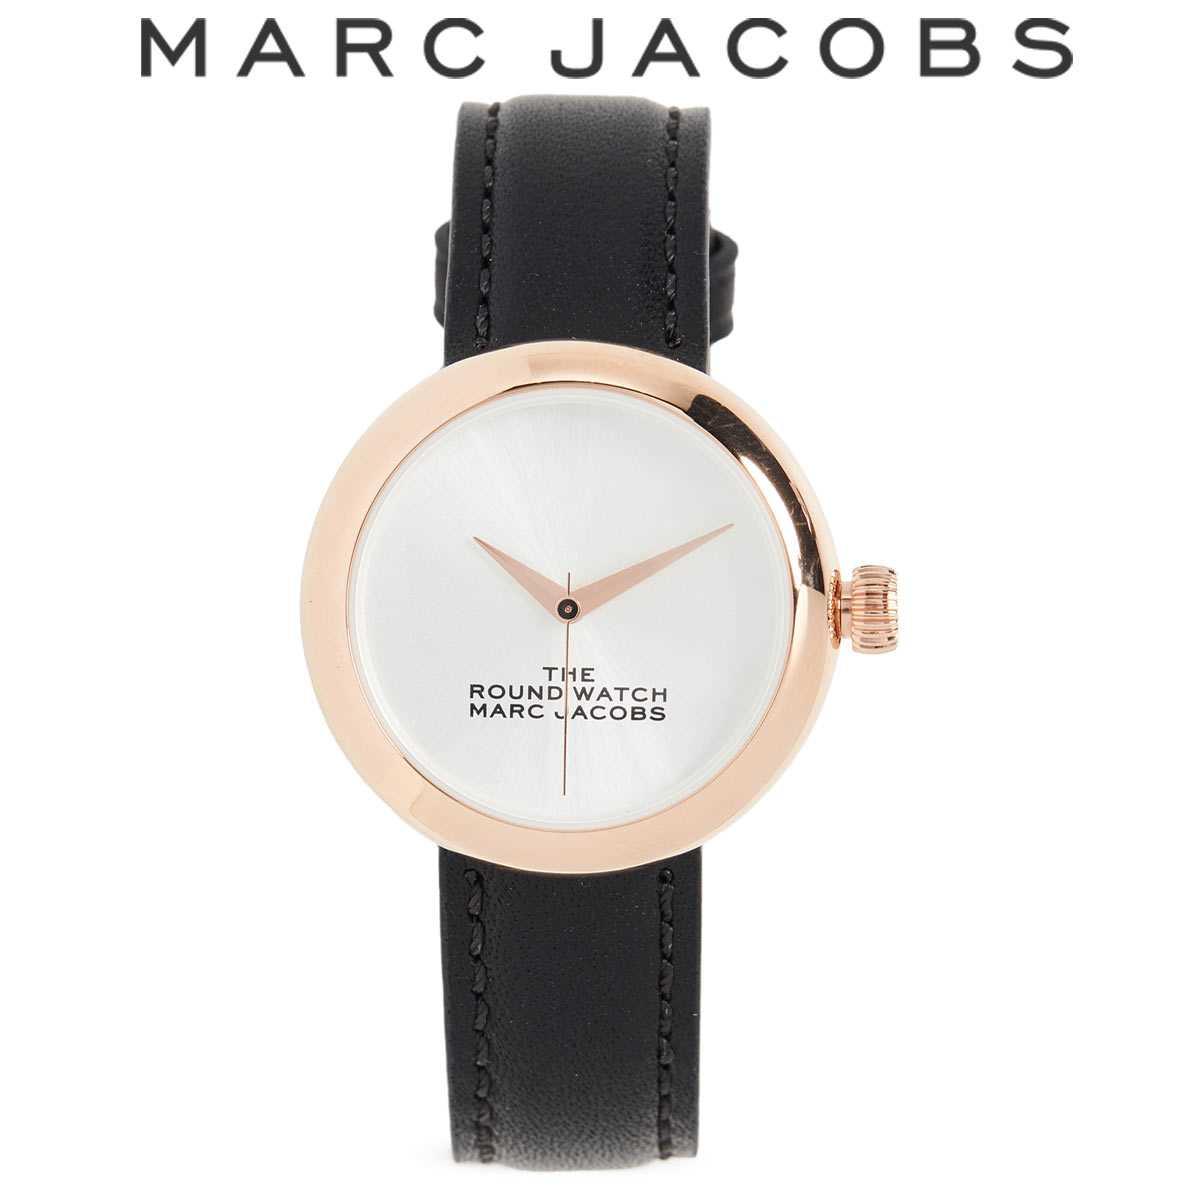 マークジェイコブス 時計 レディース 腕時計 ブランド The 驚きの価格が実現 おしゃれ Jacobs Marc 激安挑戦中